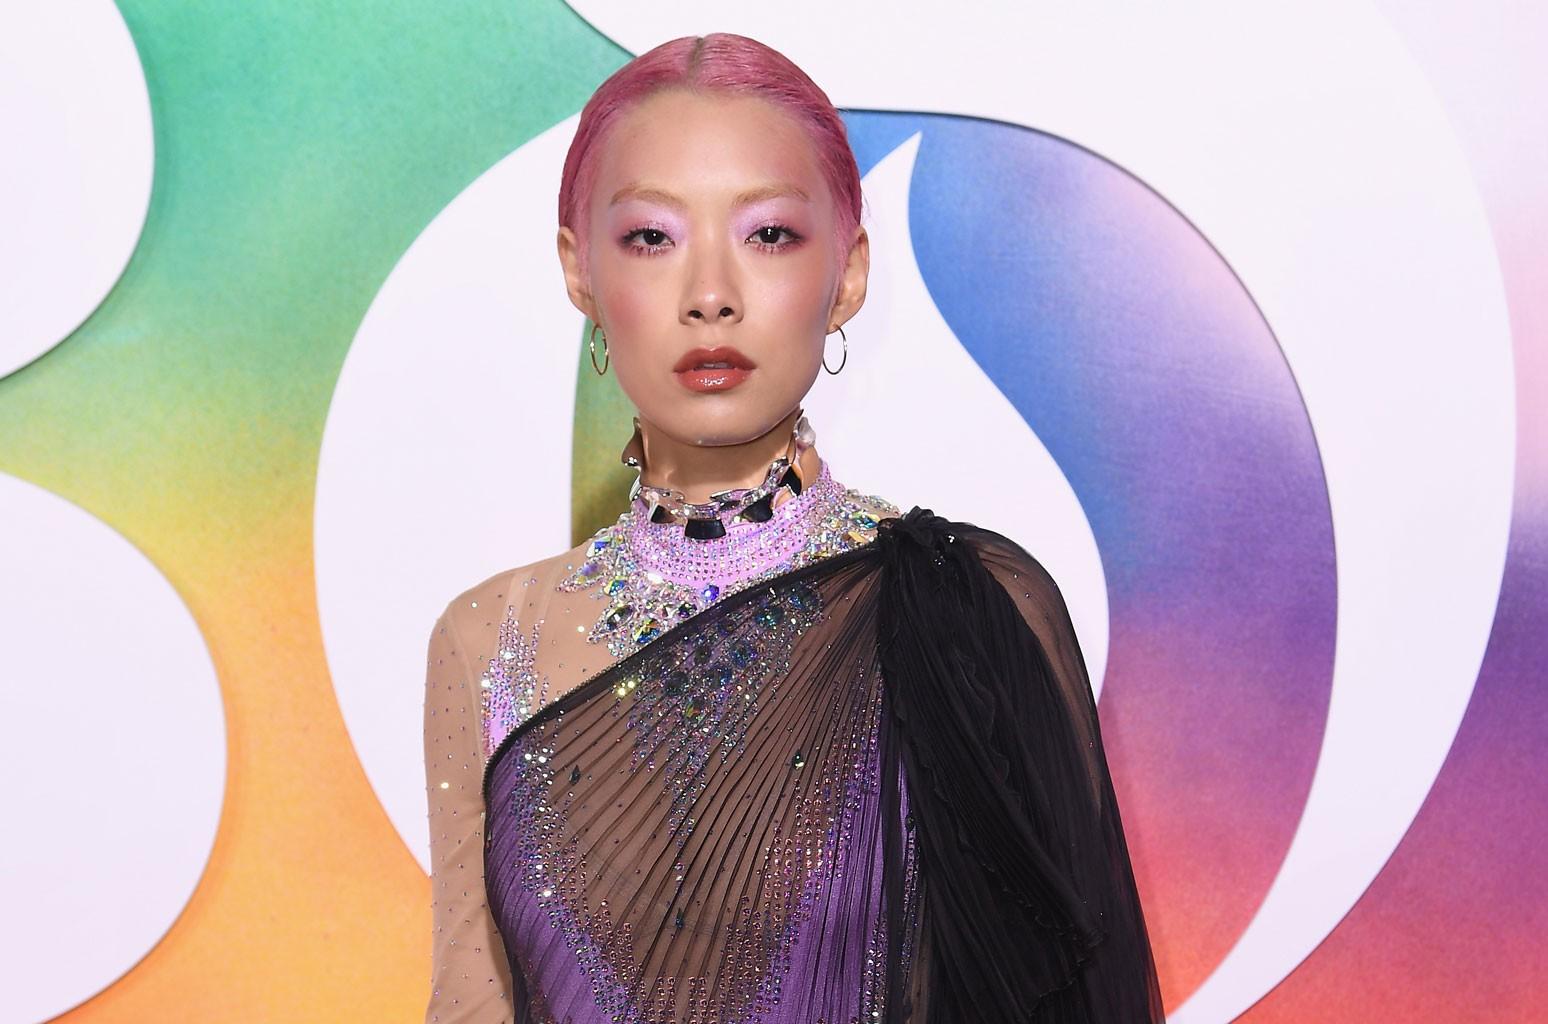 Rina Sawayama Is a Finalist for Brit Awards' Rising Star Award